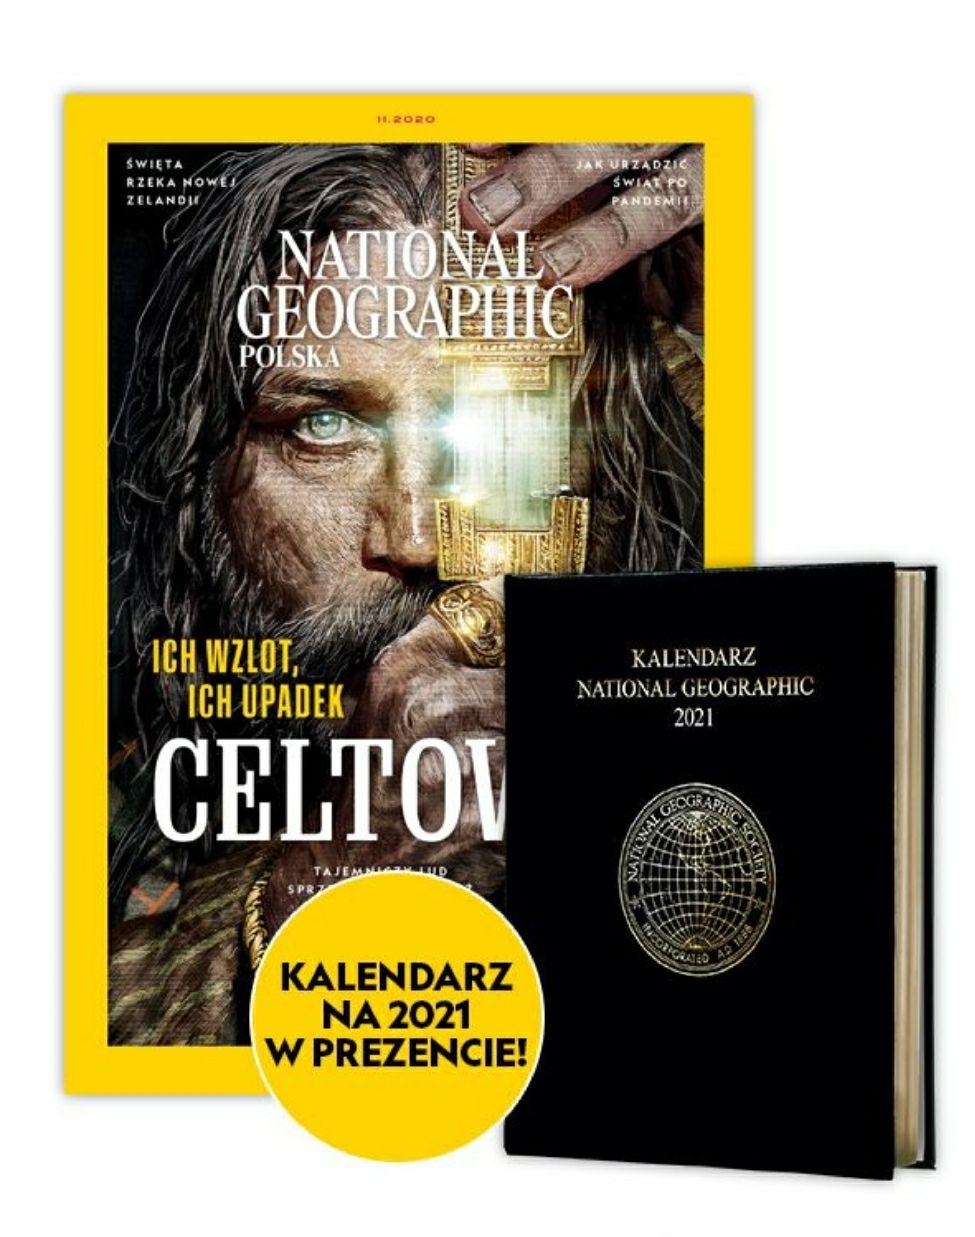 Prenumerata National Geographic opcja z kalendarzem oraz Traveler - Kultowy.pl